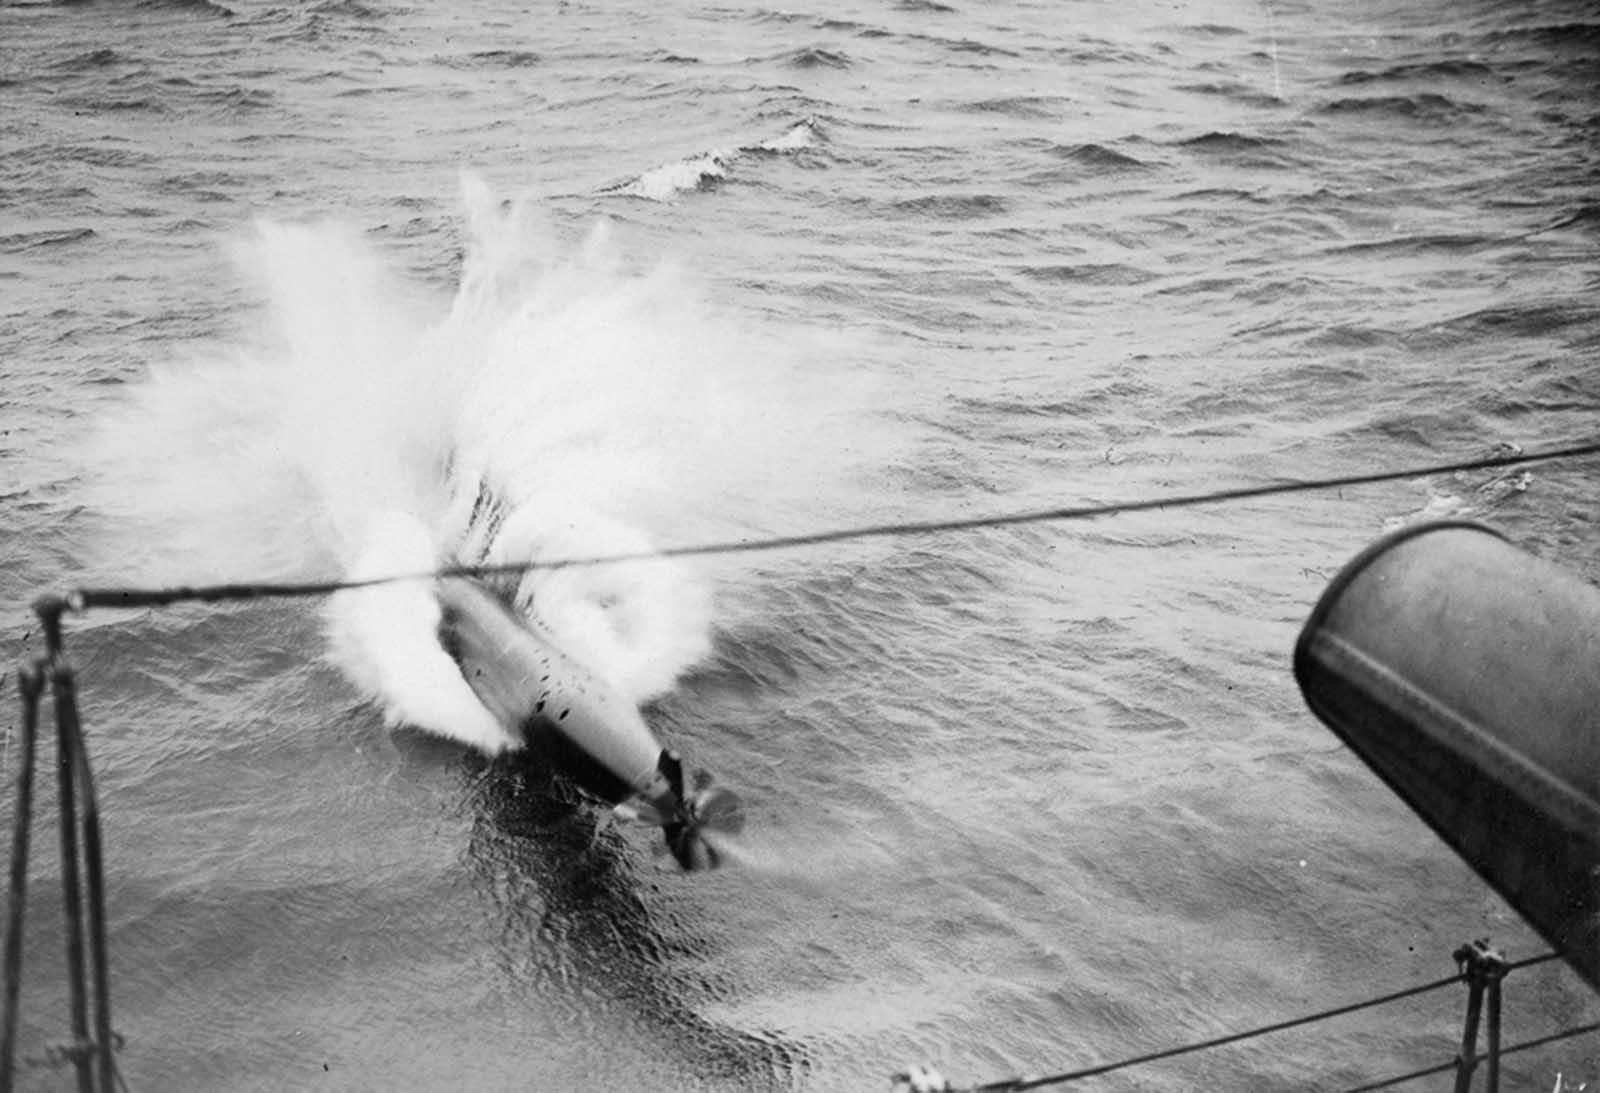 Lanzamiento de un torpedo, British Royal Navy, 1917.